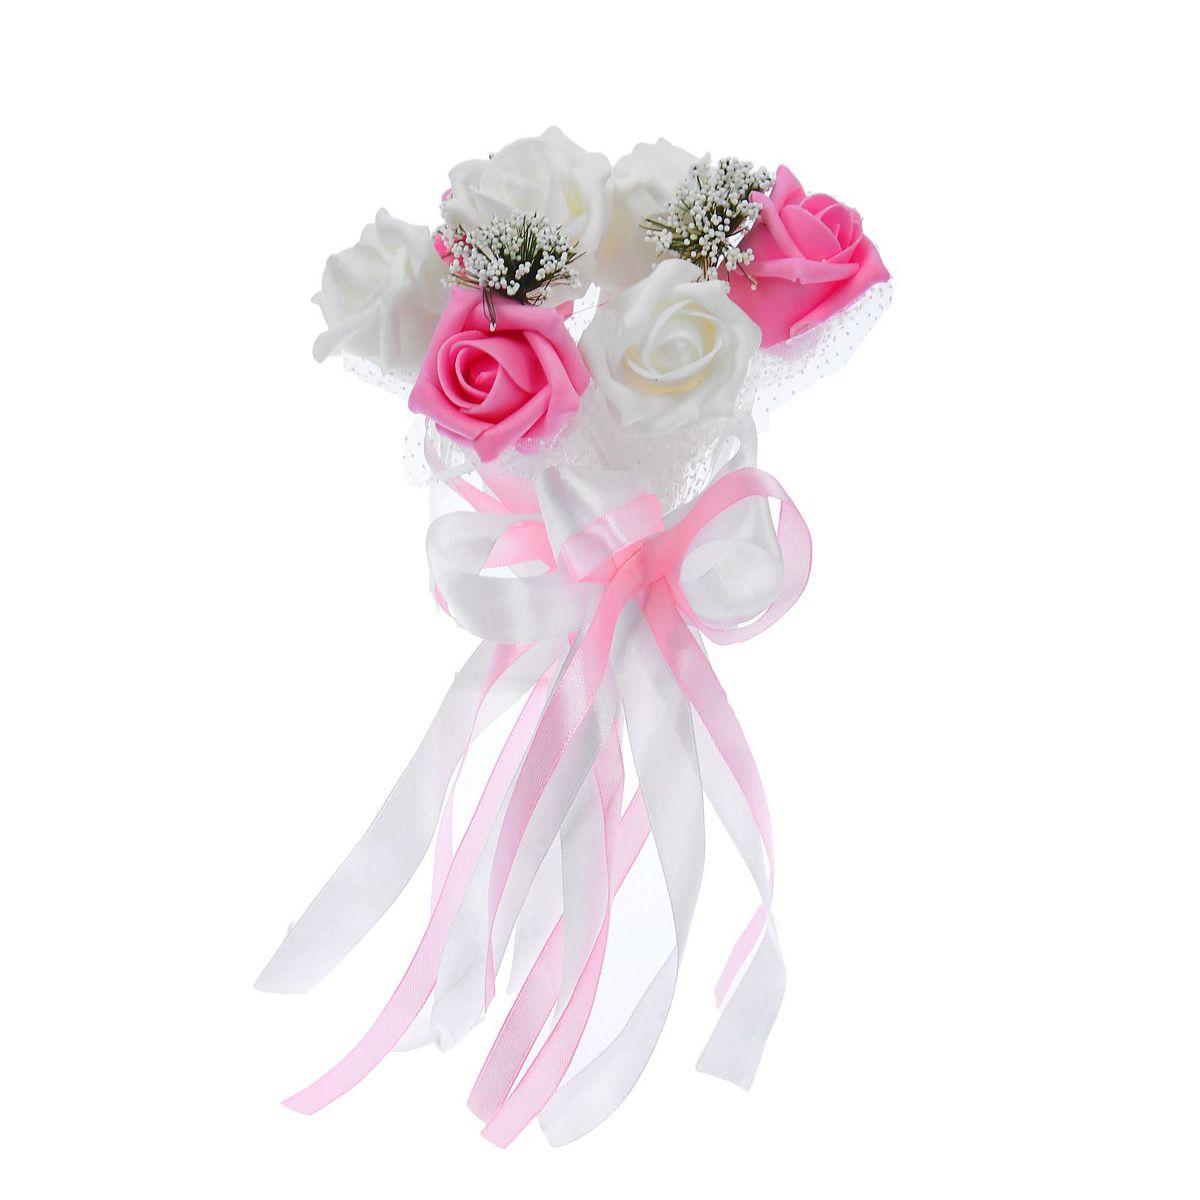 Страна Карнавалия Букет-дублер От всего сердца 7 цветов, цвет: белый, розовый. 12084801208480Современные невесты используют букеты из искусственных материалов, потому что они легче, дешевле и не рассыпаются в полете. Ведь для многих незамужних подружек поймать букет на свадьбе — шанс осуществления заветной мечты. Кроме свадебной тематики изделие используют для фотосессий, так как оно не утрачивает праздничный вид даже в непогоду, и как элемент украшения интерьера. Многие рестораны и отели на выставках и праздниках предпочитают использовать украшения из неувядающих цветов. Оригинальный букет будет в центре внимания на торжественном событии и оставит самые яркие впечатления.